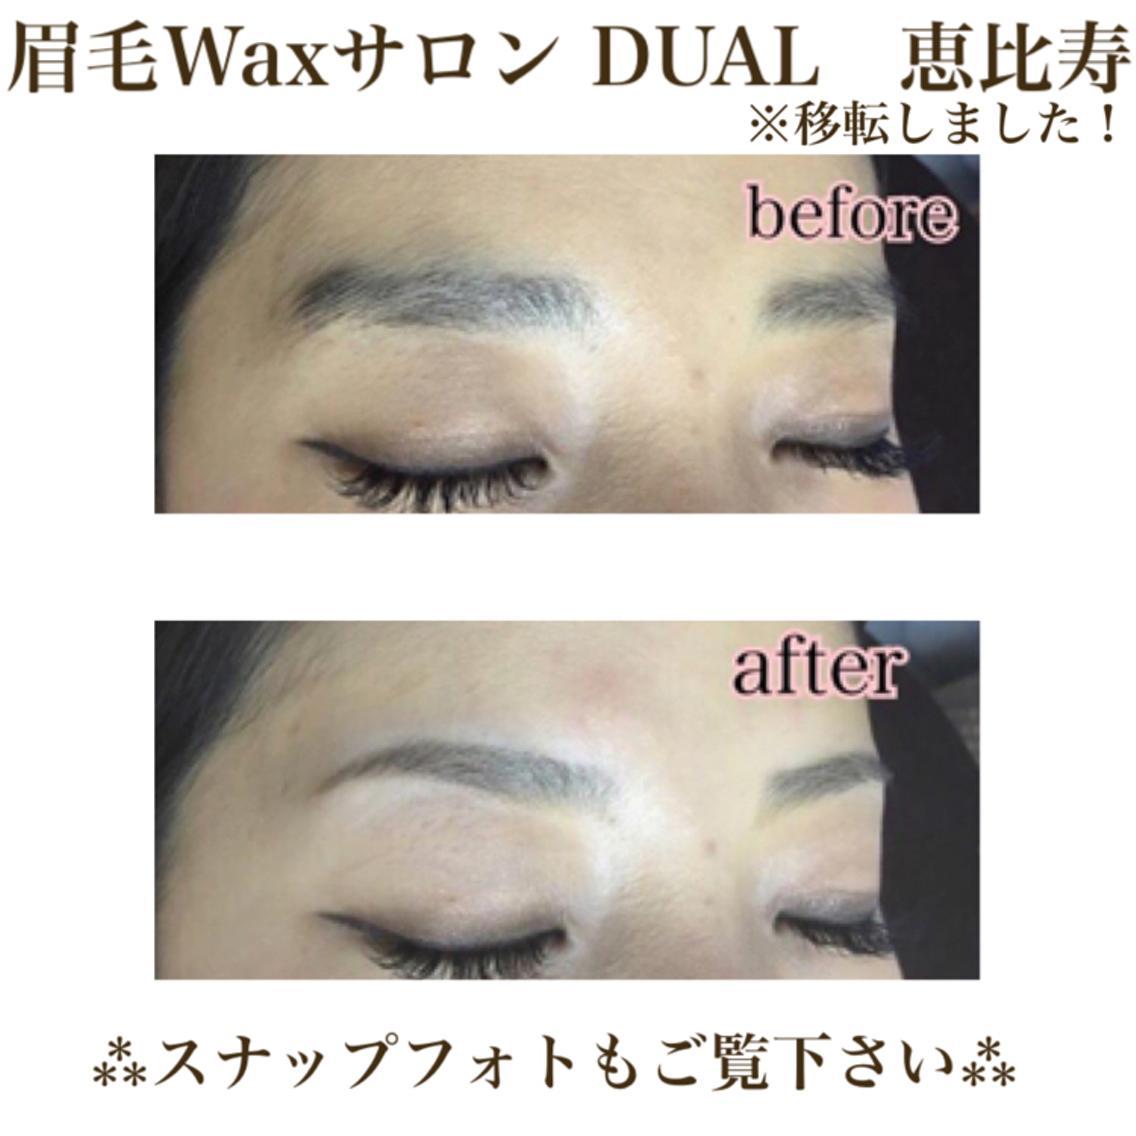 《眉毛Waxスタイリング¥3000おでこWax付き✨》大好評❤️眉毛Wax専門店❤️一度の施術で変われます❤️